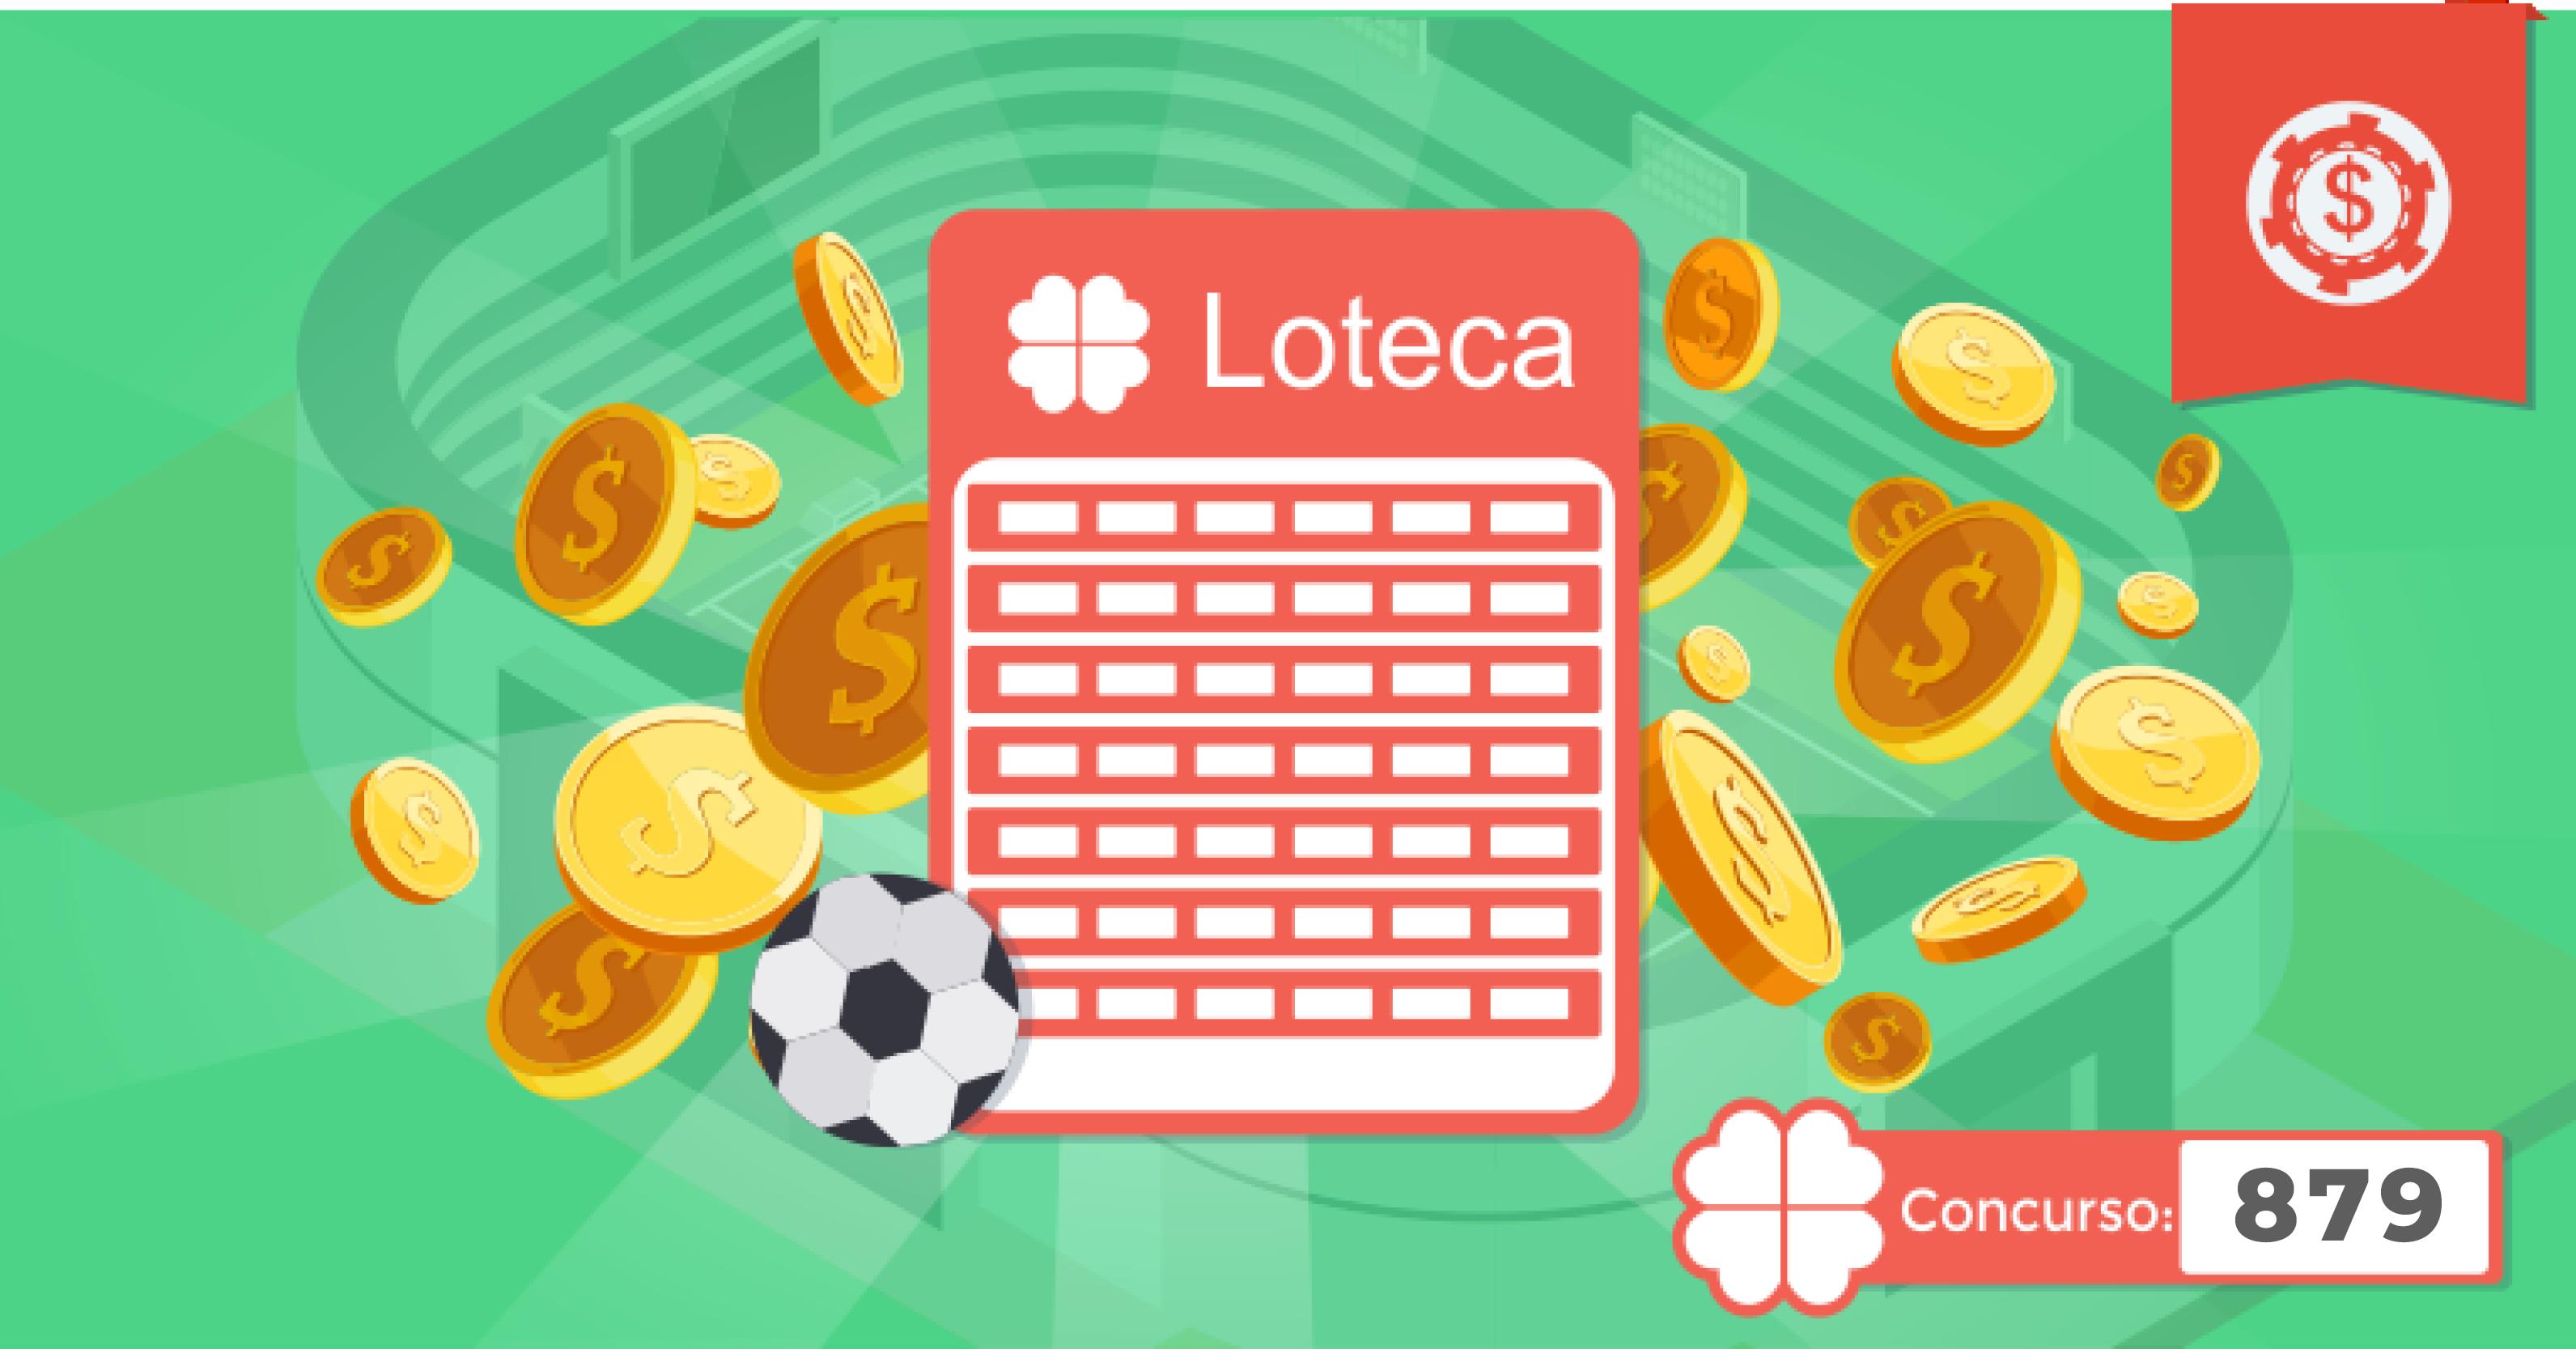 palpites-loteca-879-palpites-loteca-semana